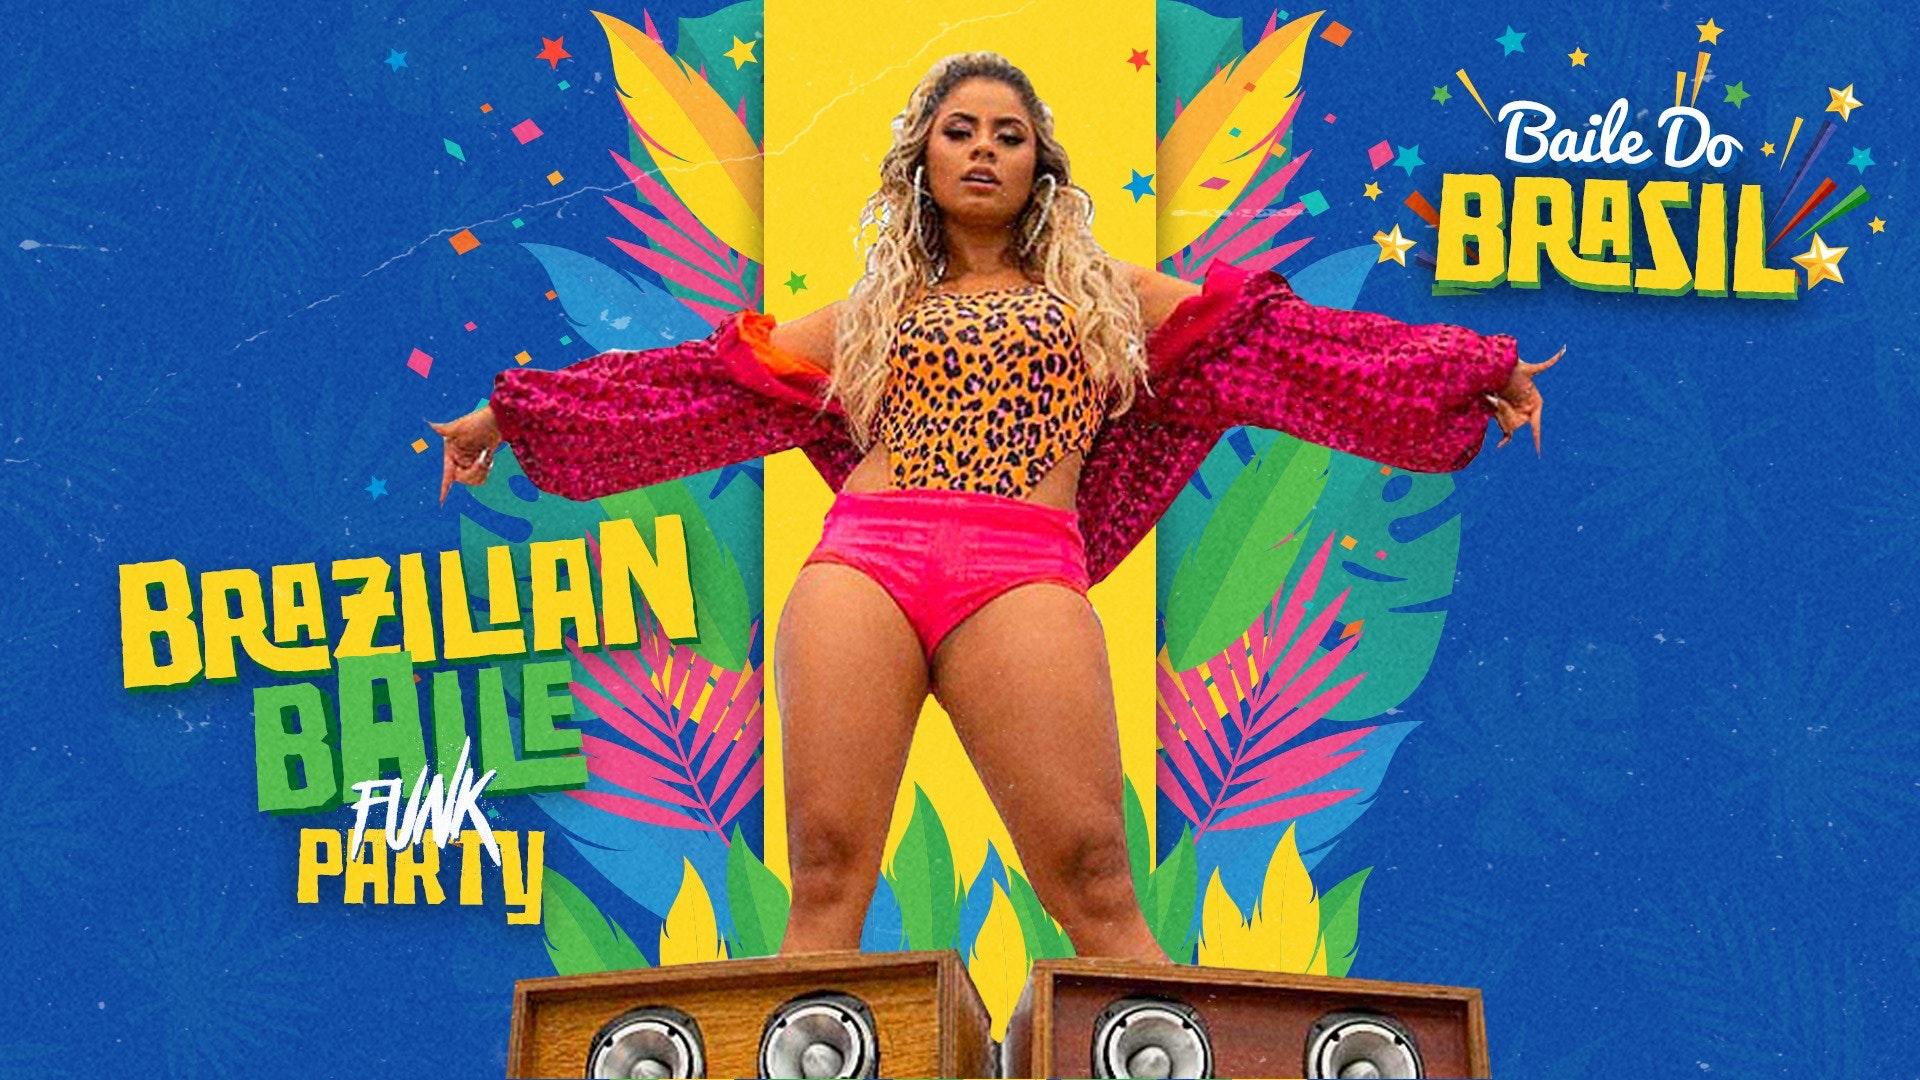 Baile Do Brasil – Brazilian Baile Funk Party